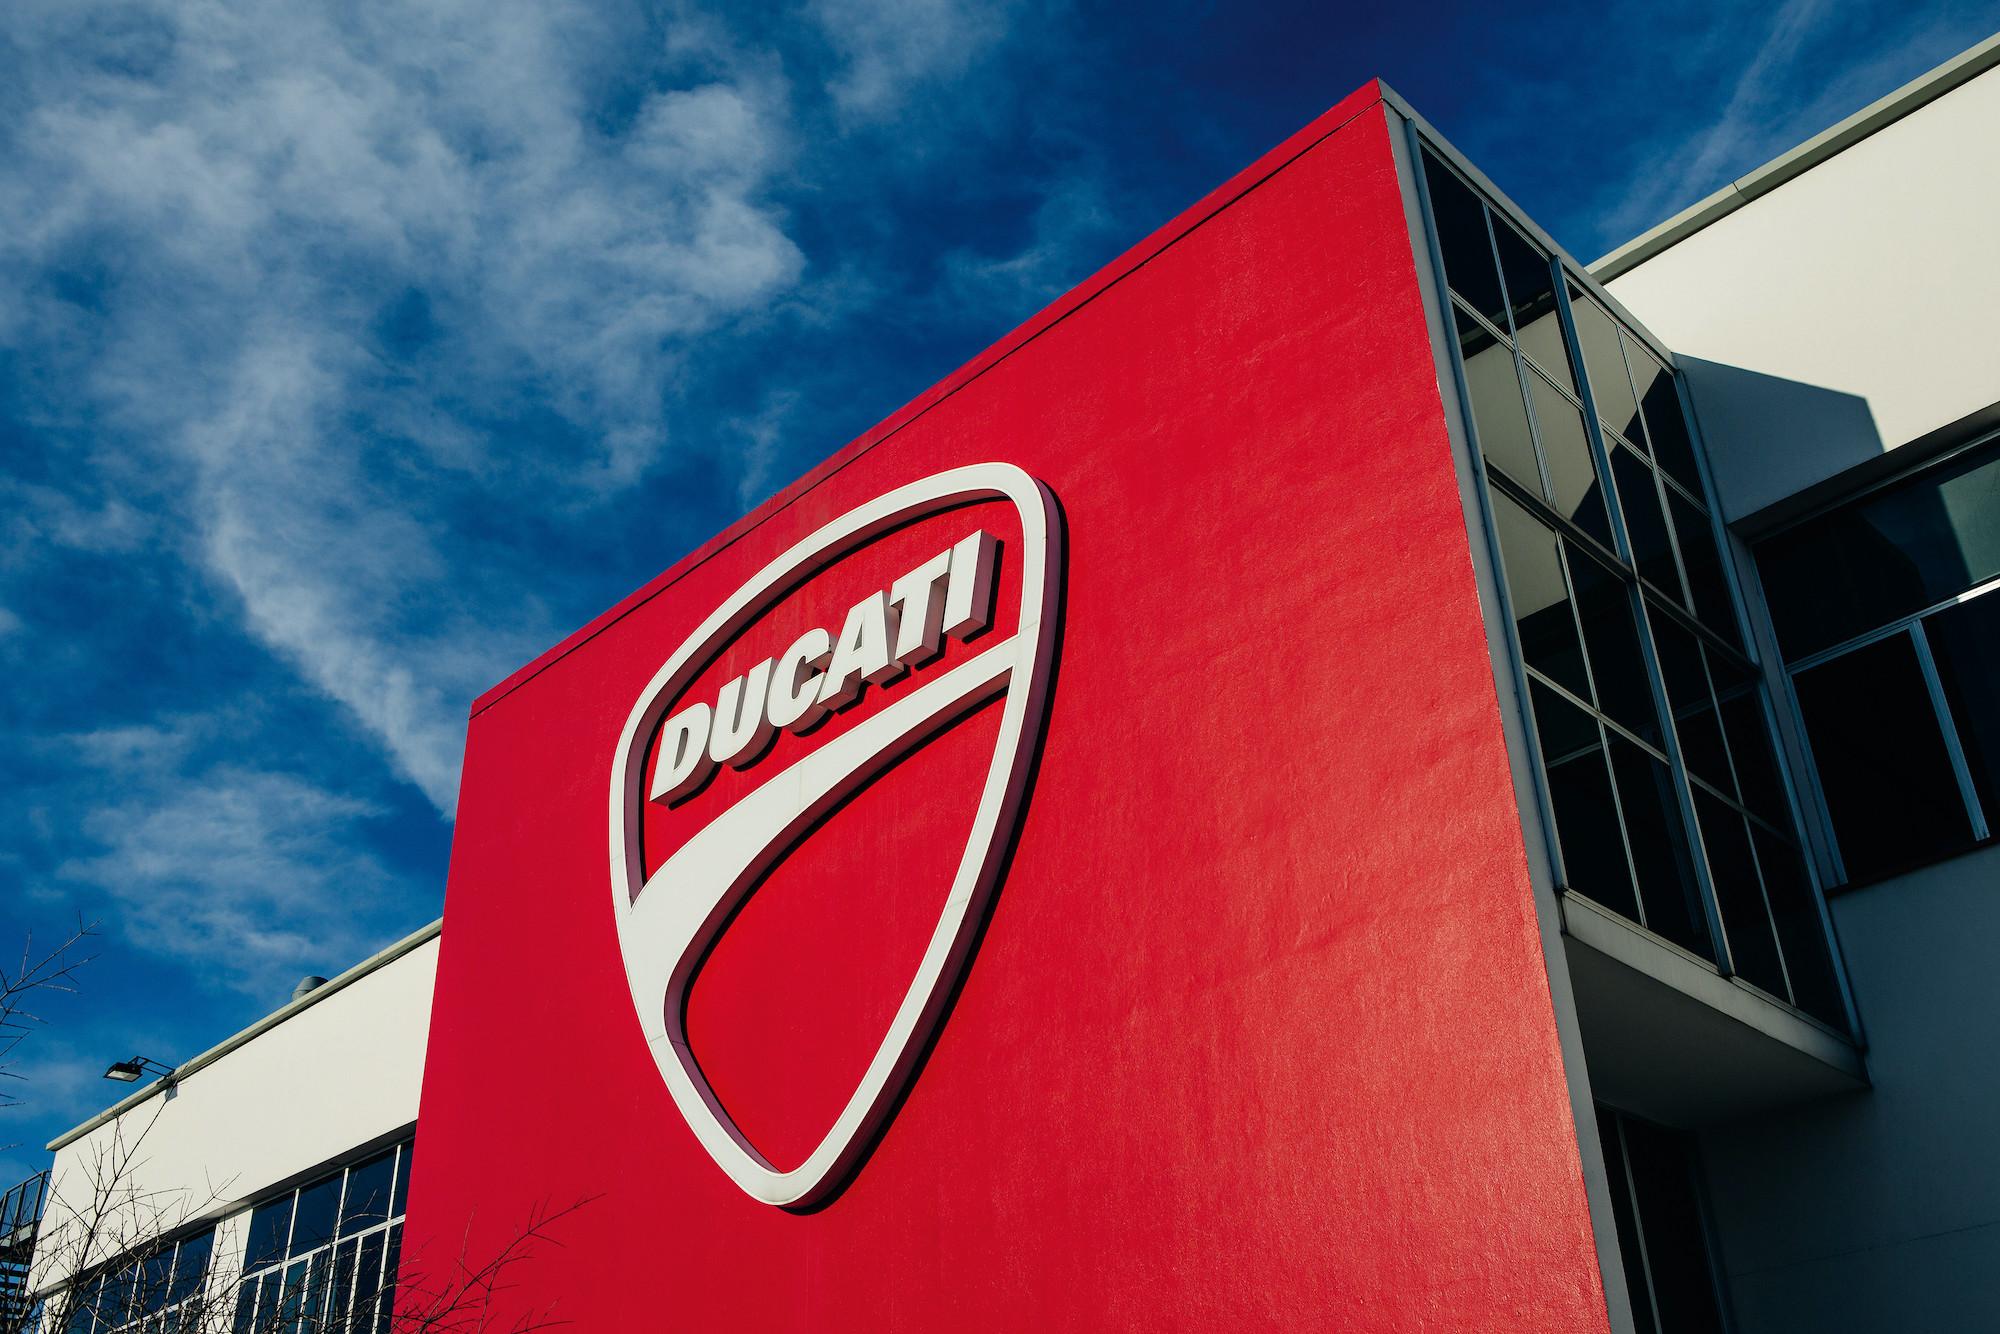 Tovarna Ducati z logotipom